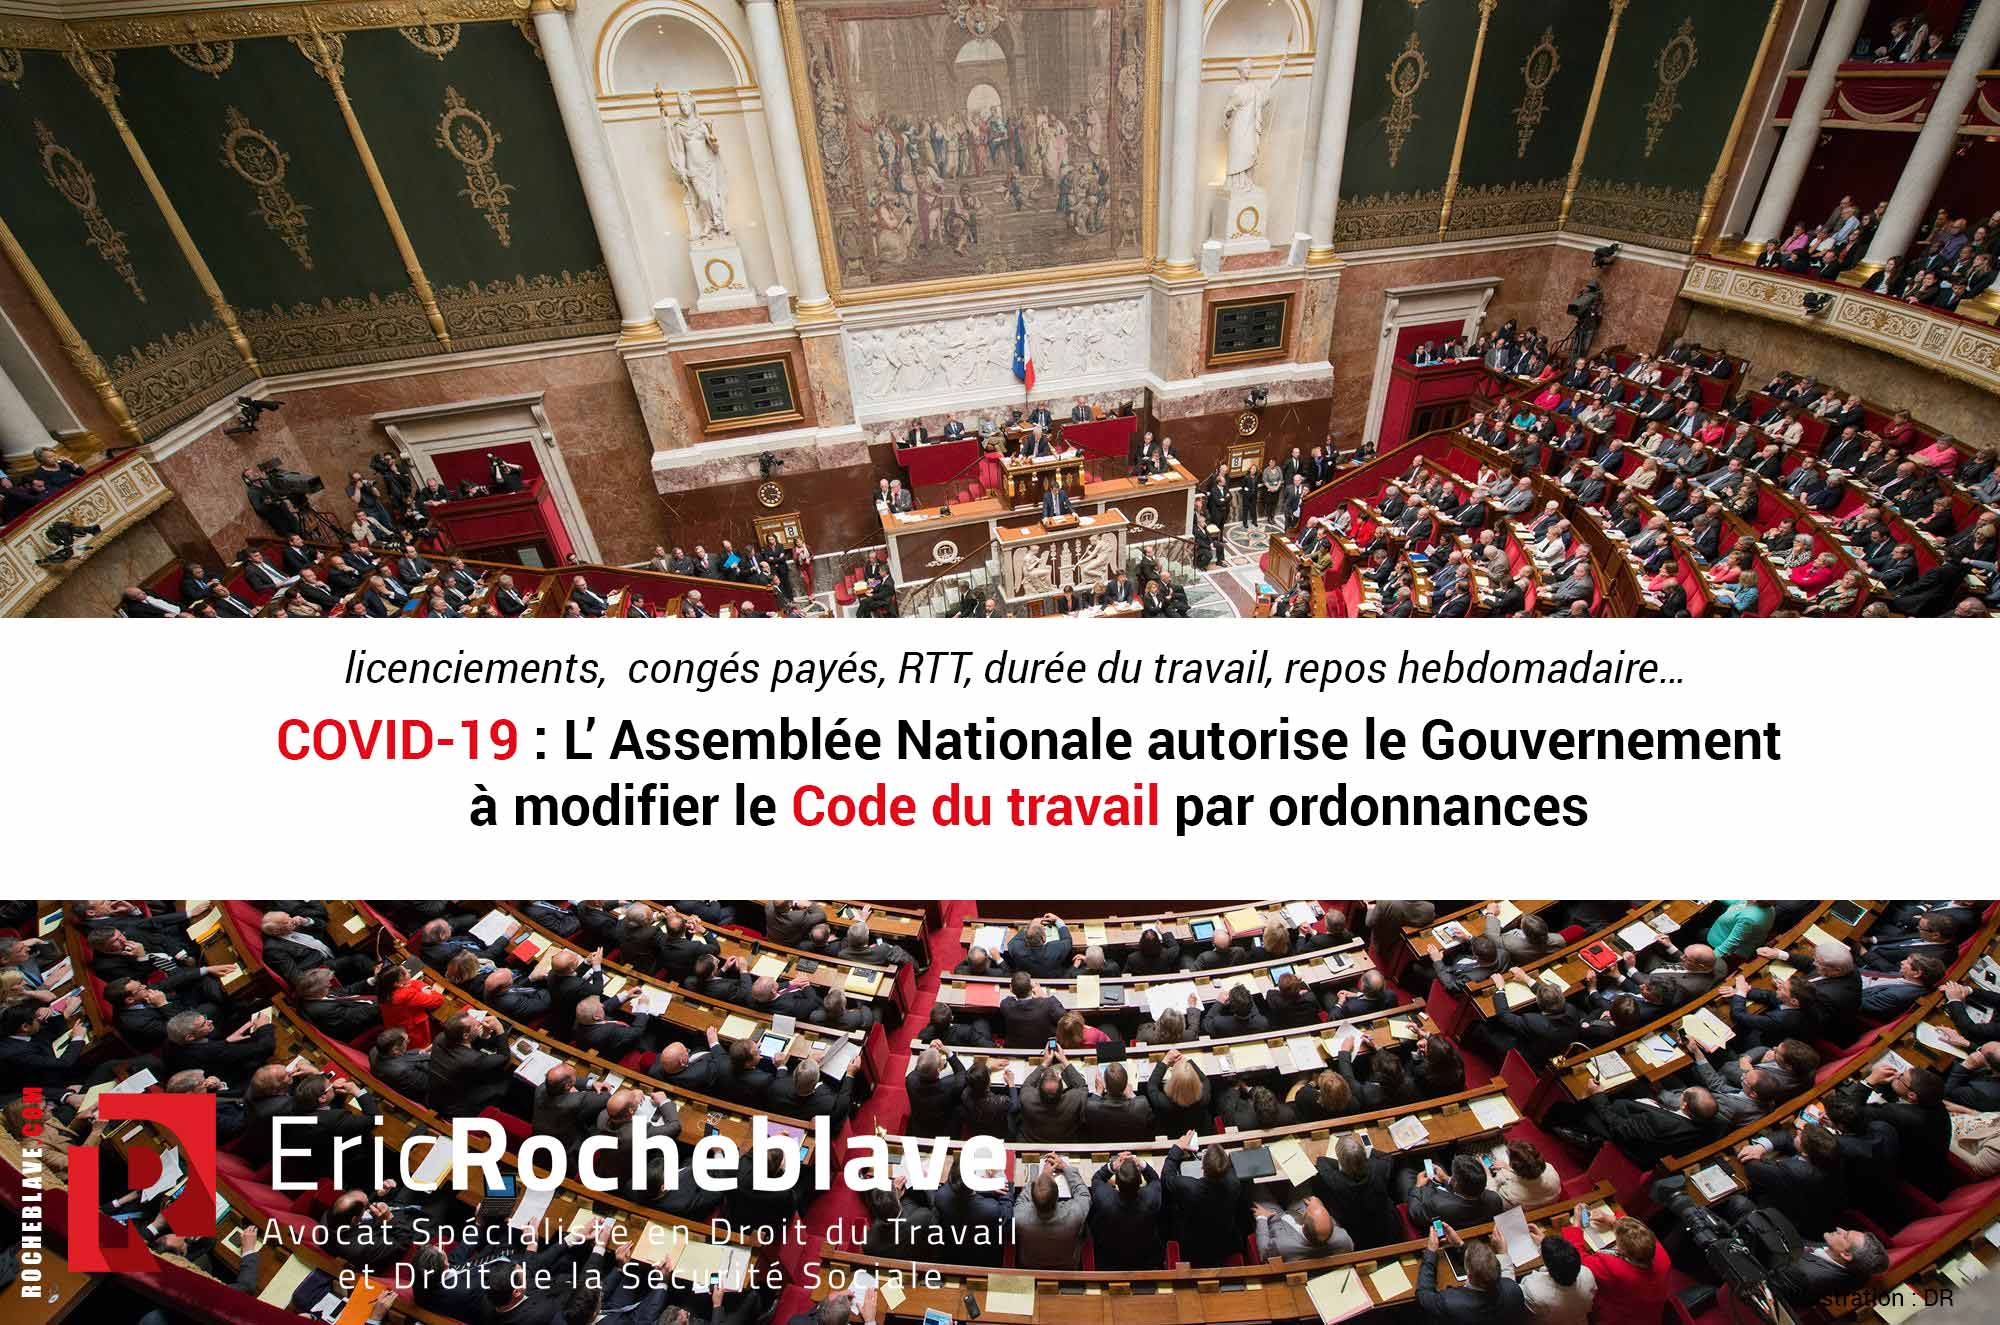 COVID-19 : L'Assemblée Nationale autorise le Gouvernement à modifier le Code du travail par ordonnances